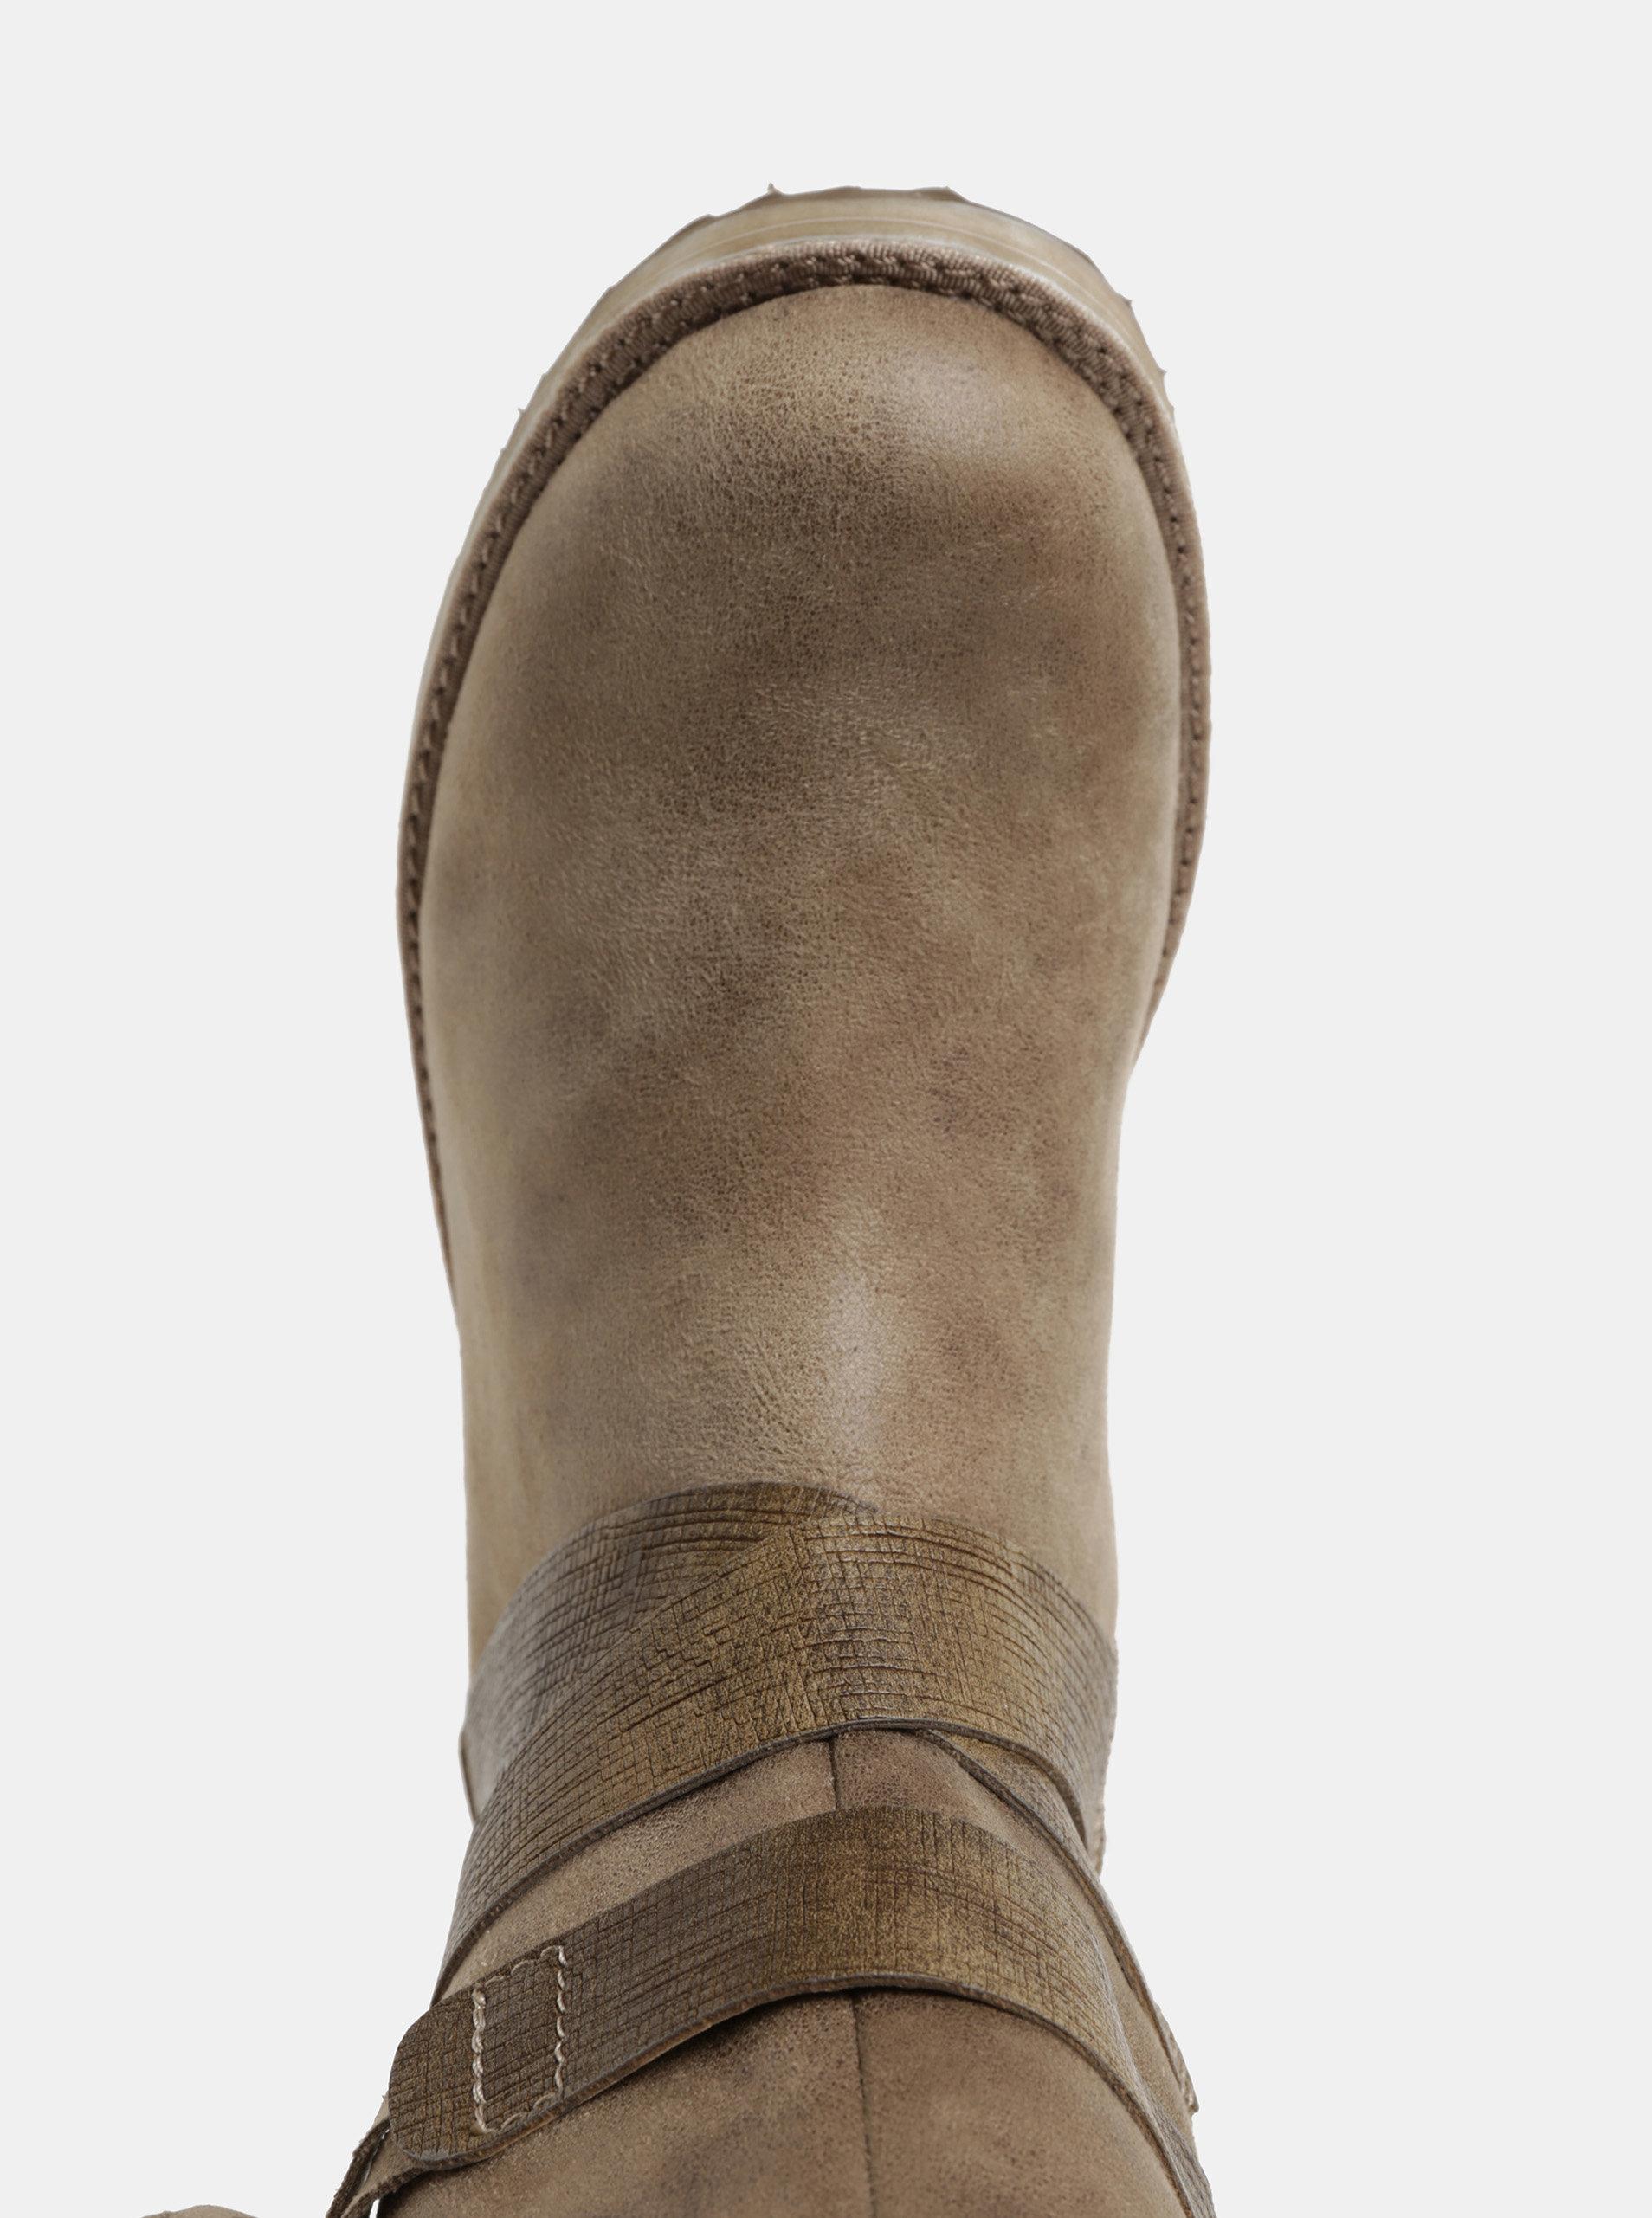 Béžové dámske zimné čižmy s umelou kožušinkou s.Oliver ... ffa6579b396